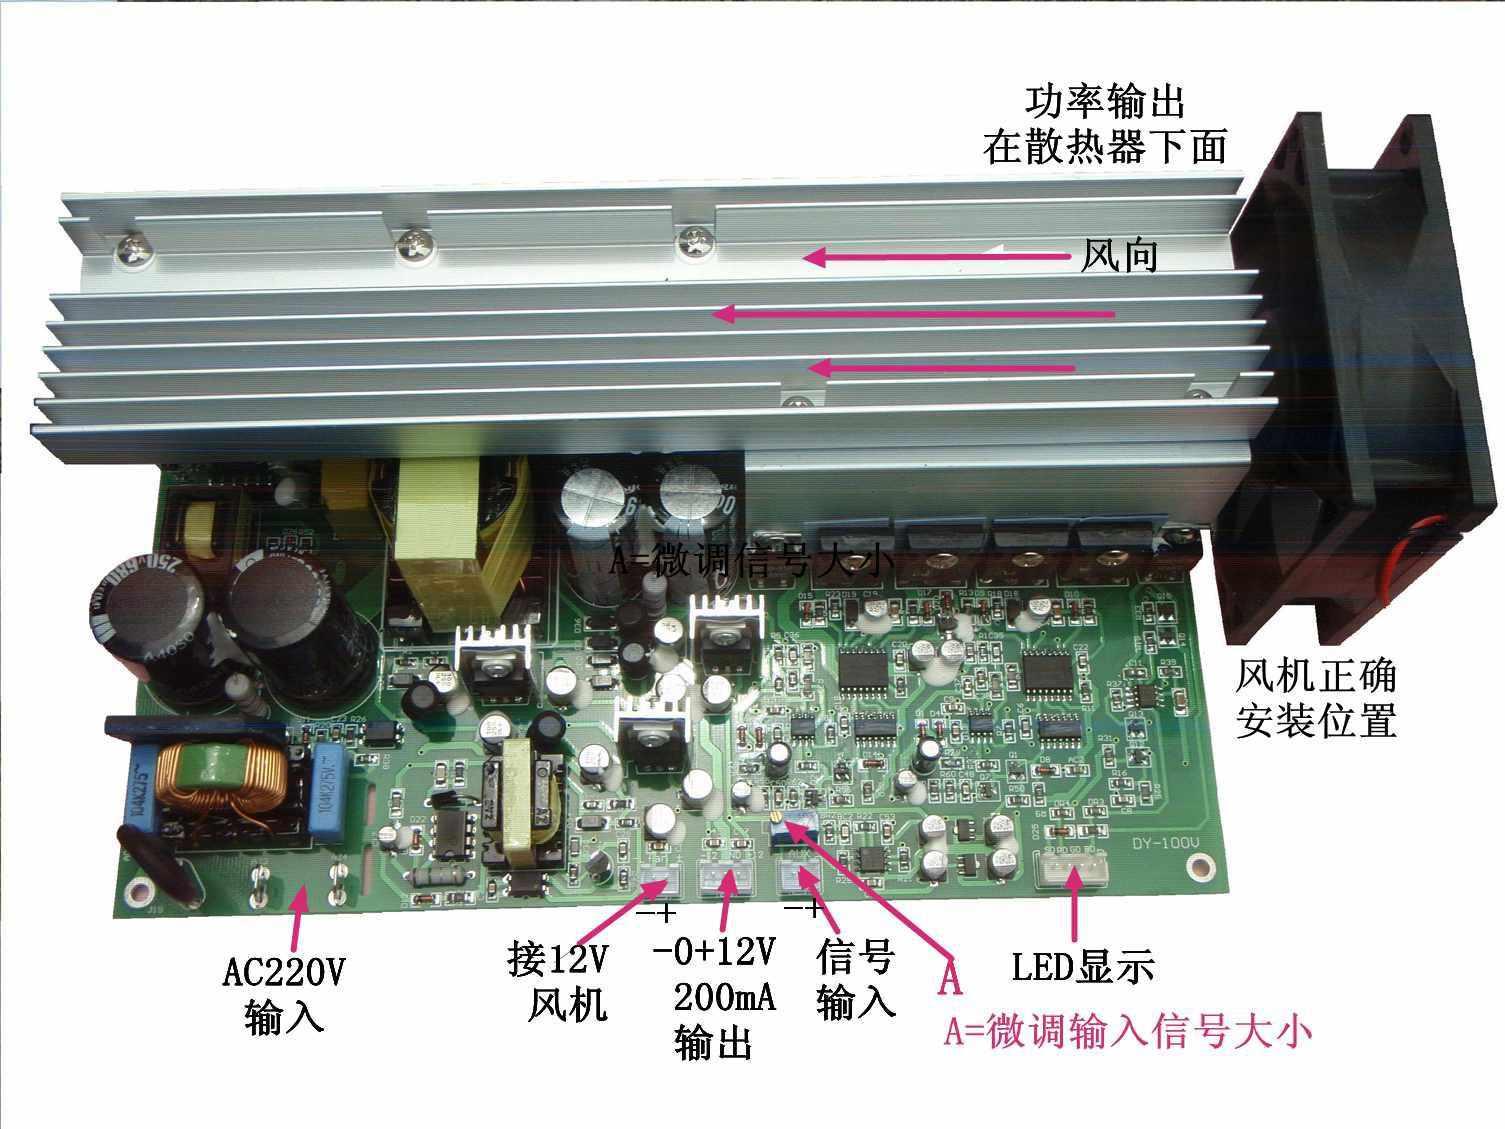 带电源定压400-600W图片文2015-6.jpg